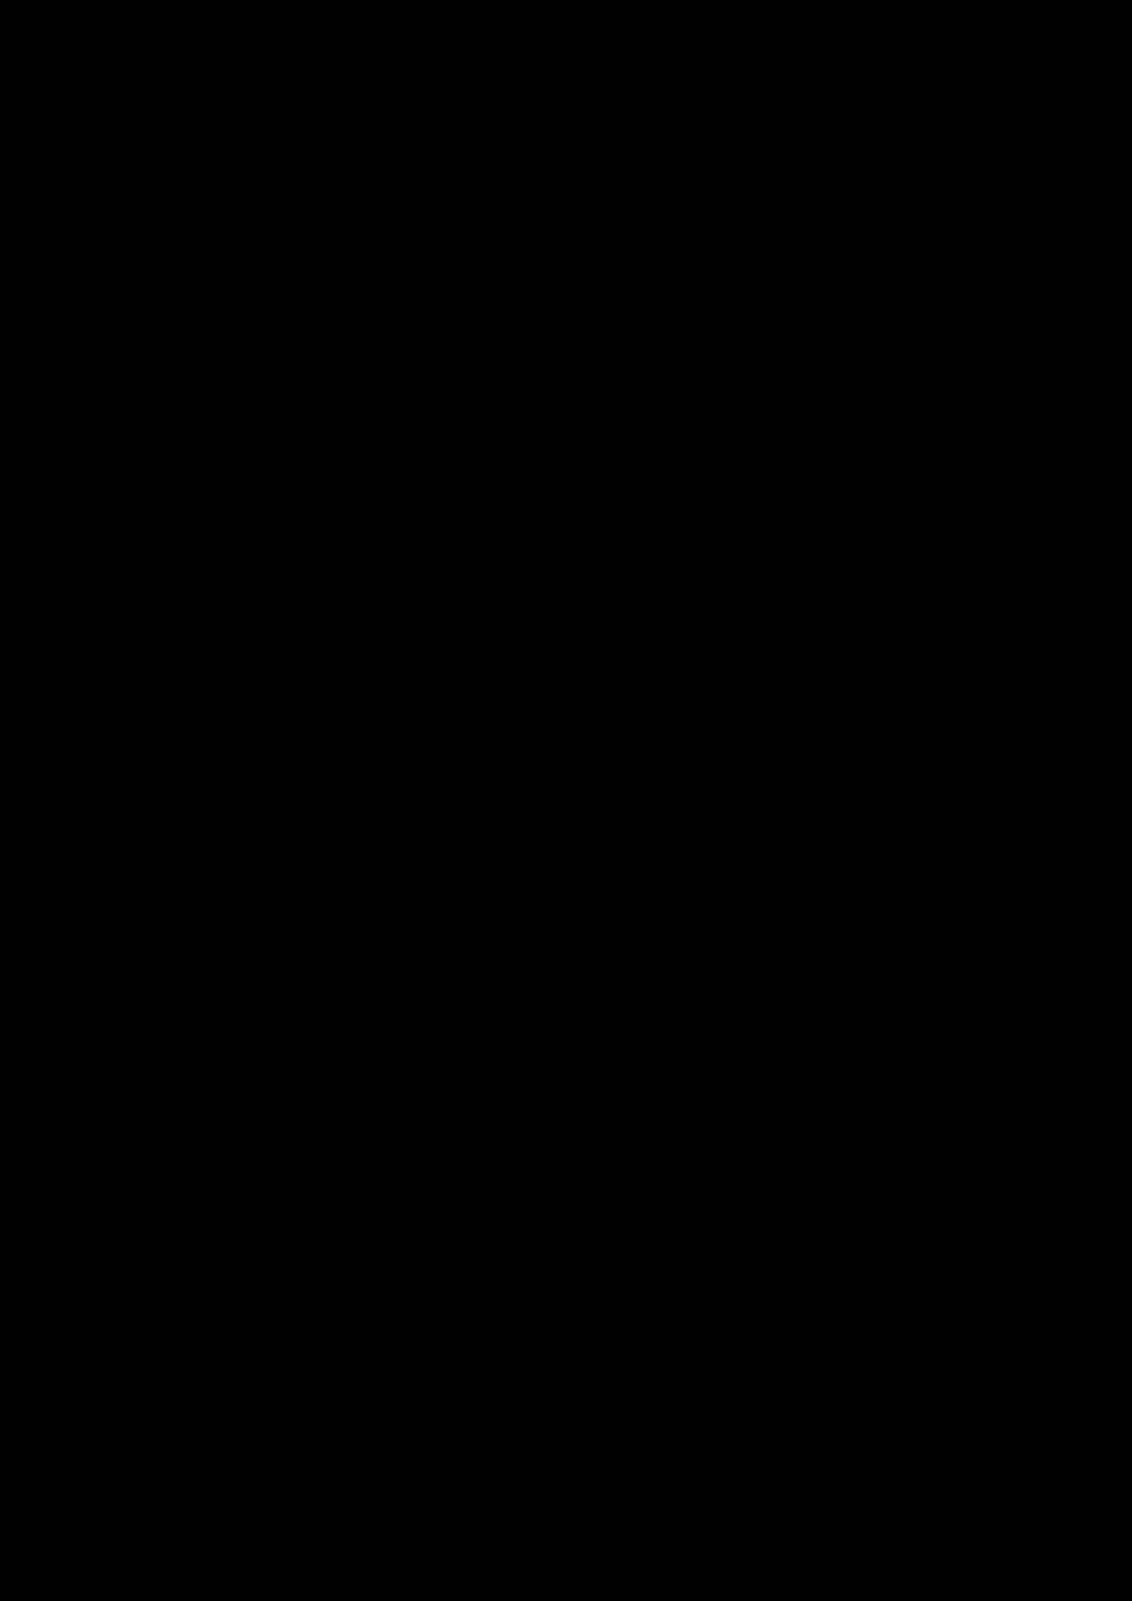 Zagadka volshebnoy stranyi slide, Image 60